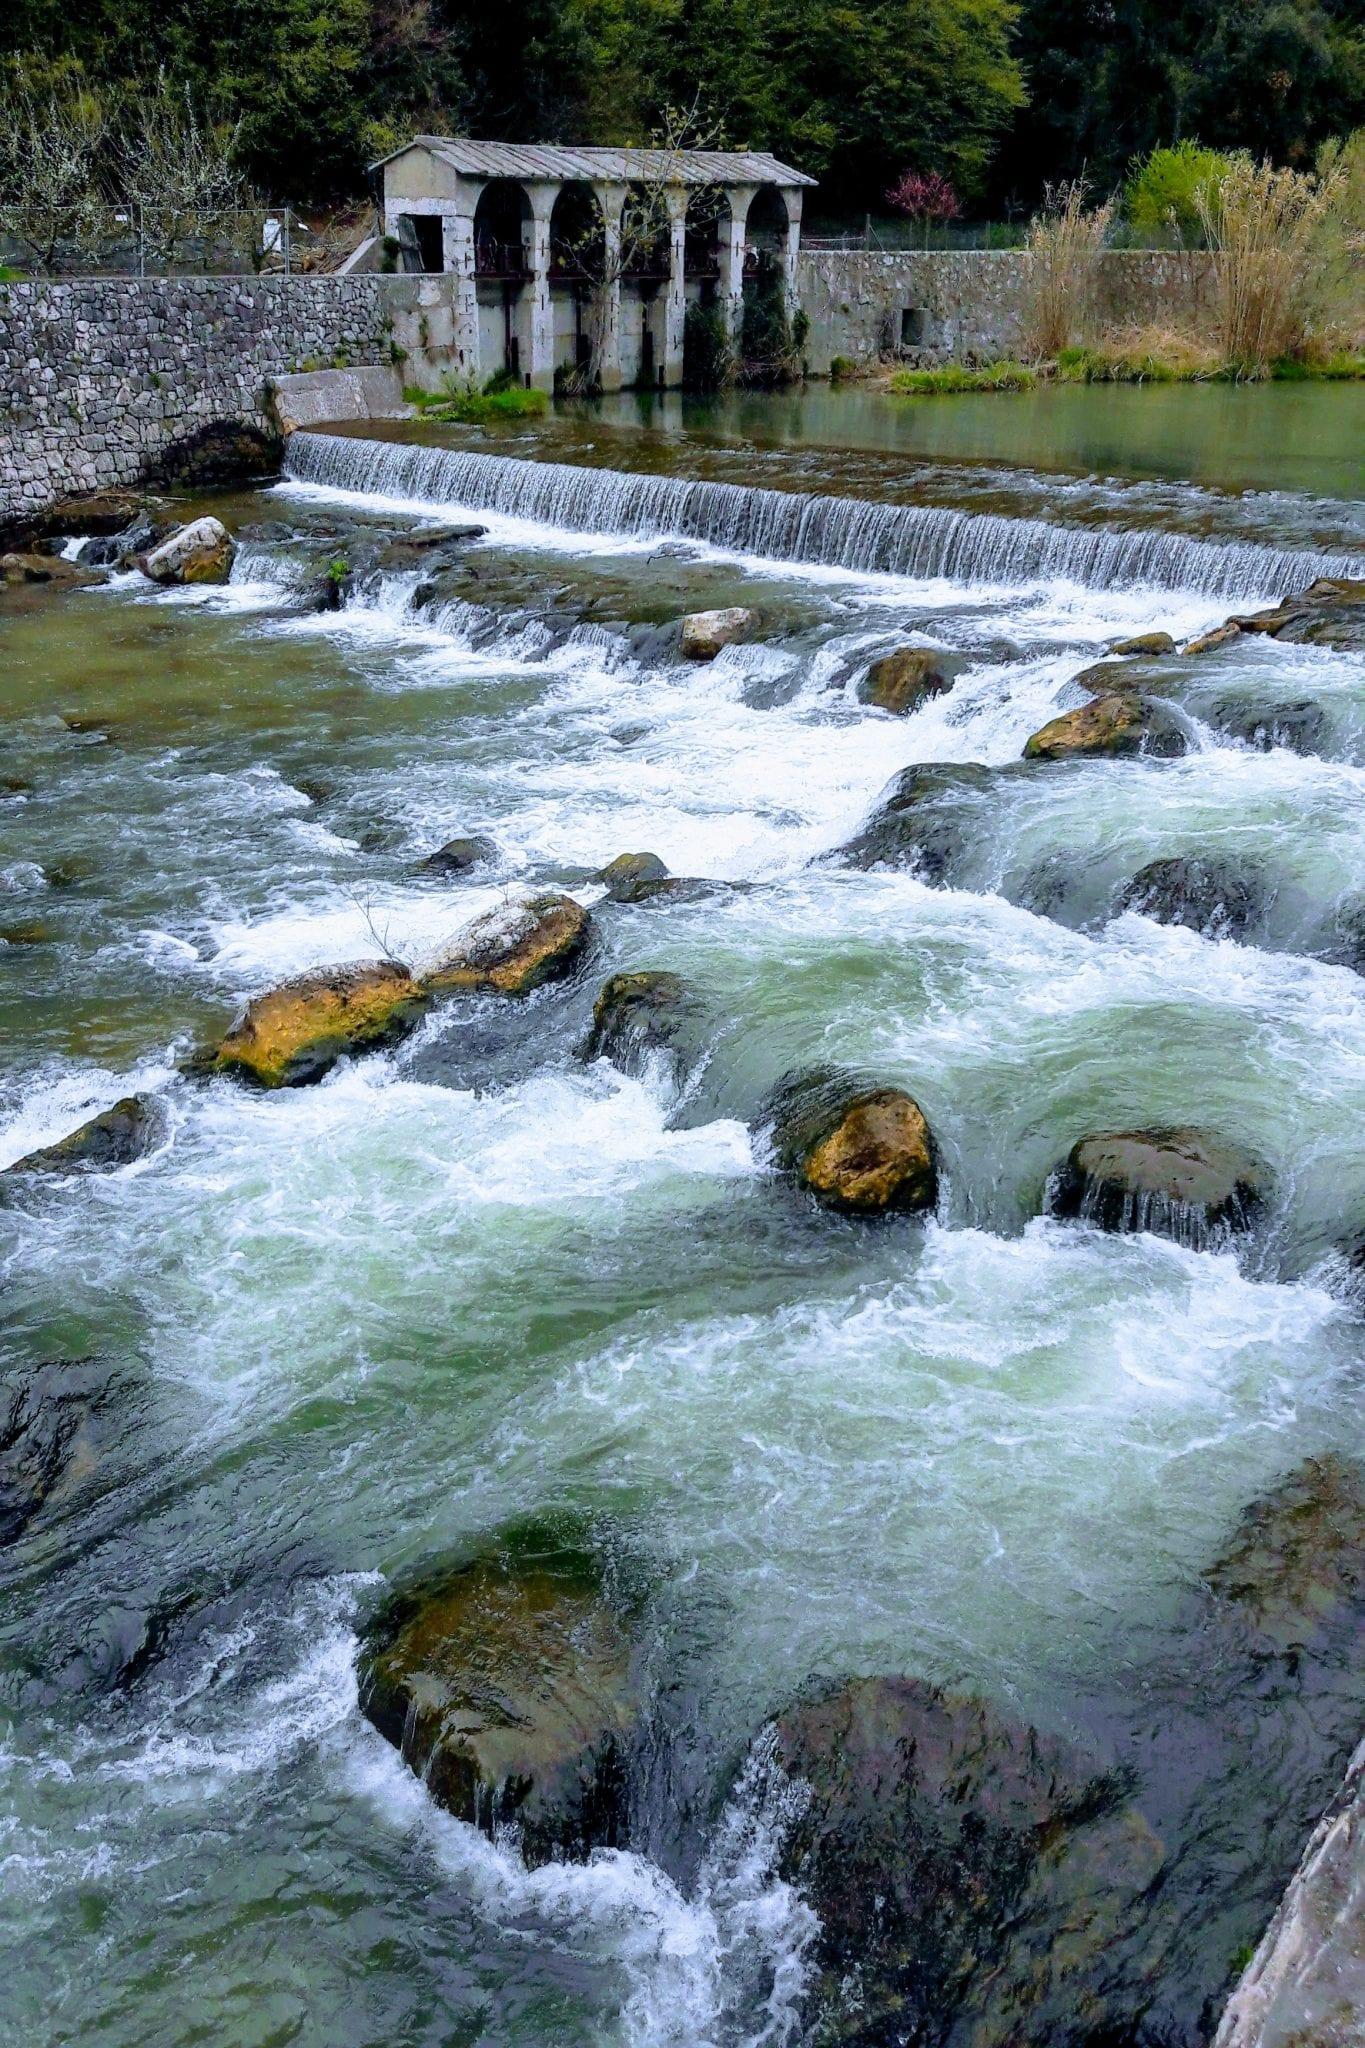 מאורגן לצפון איטליה – ערוצים בטבע